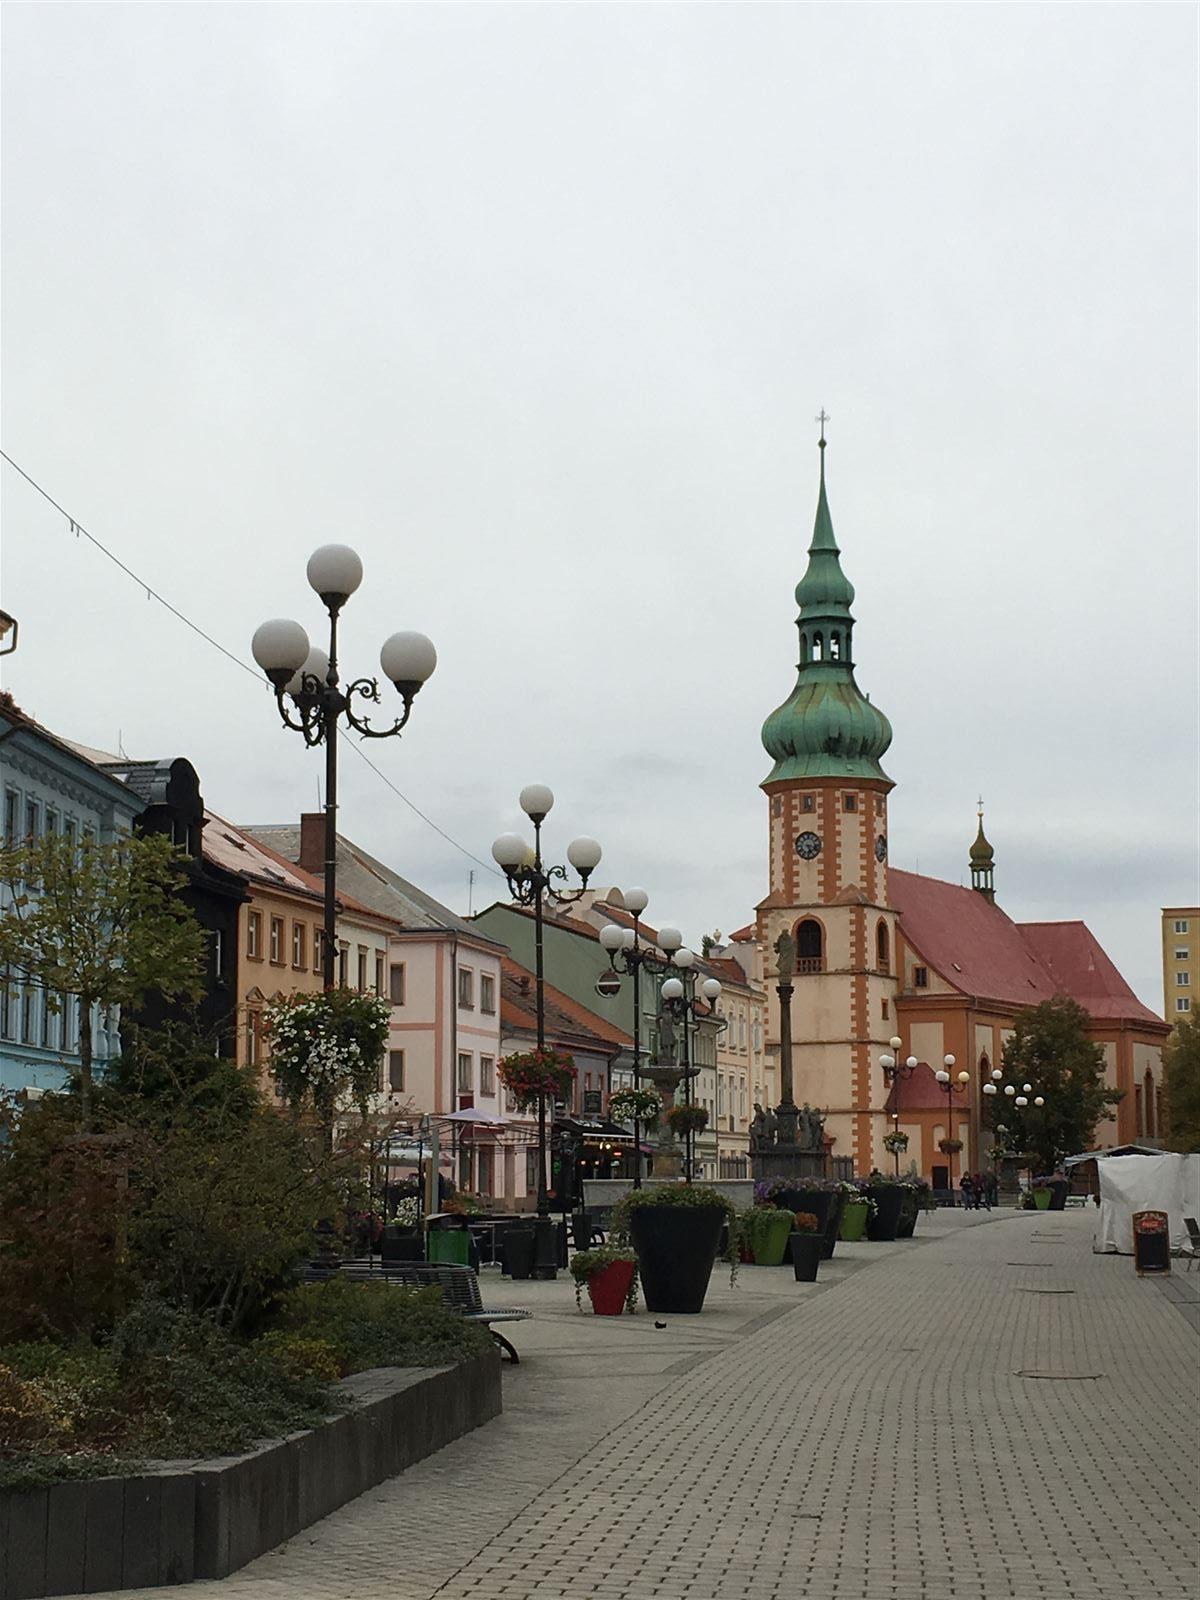 Blick zur St. Jakobskirche auf dem Marktplatz